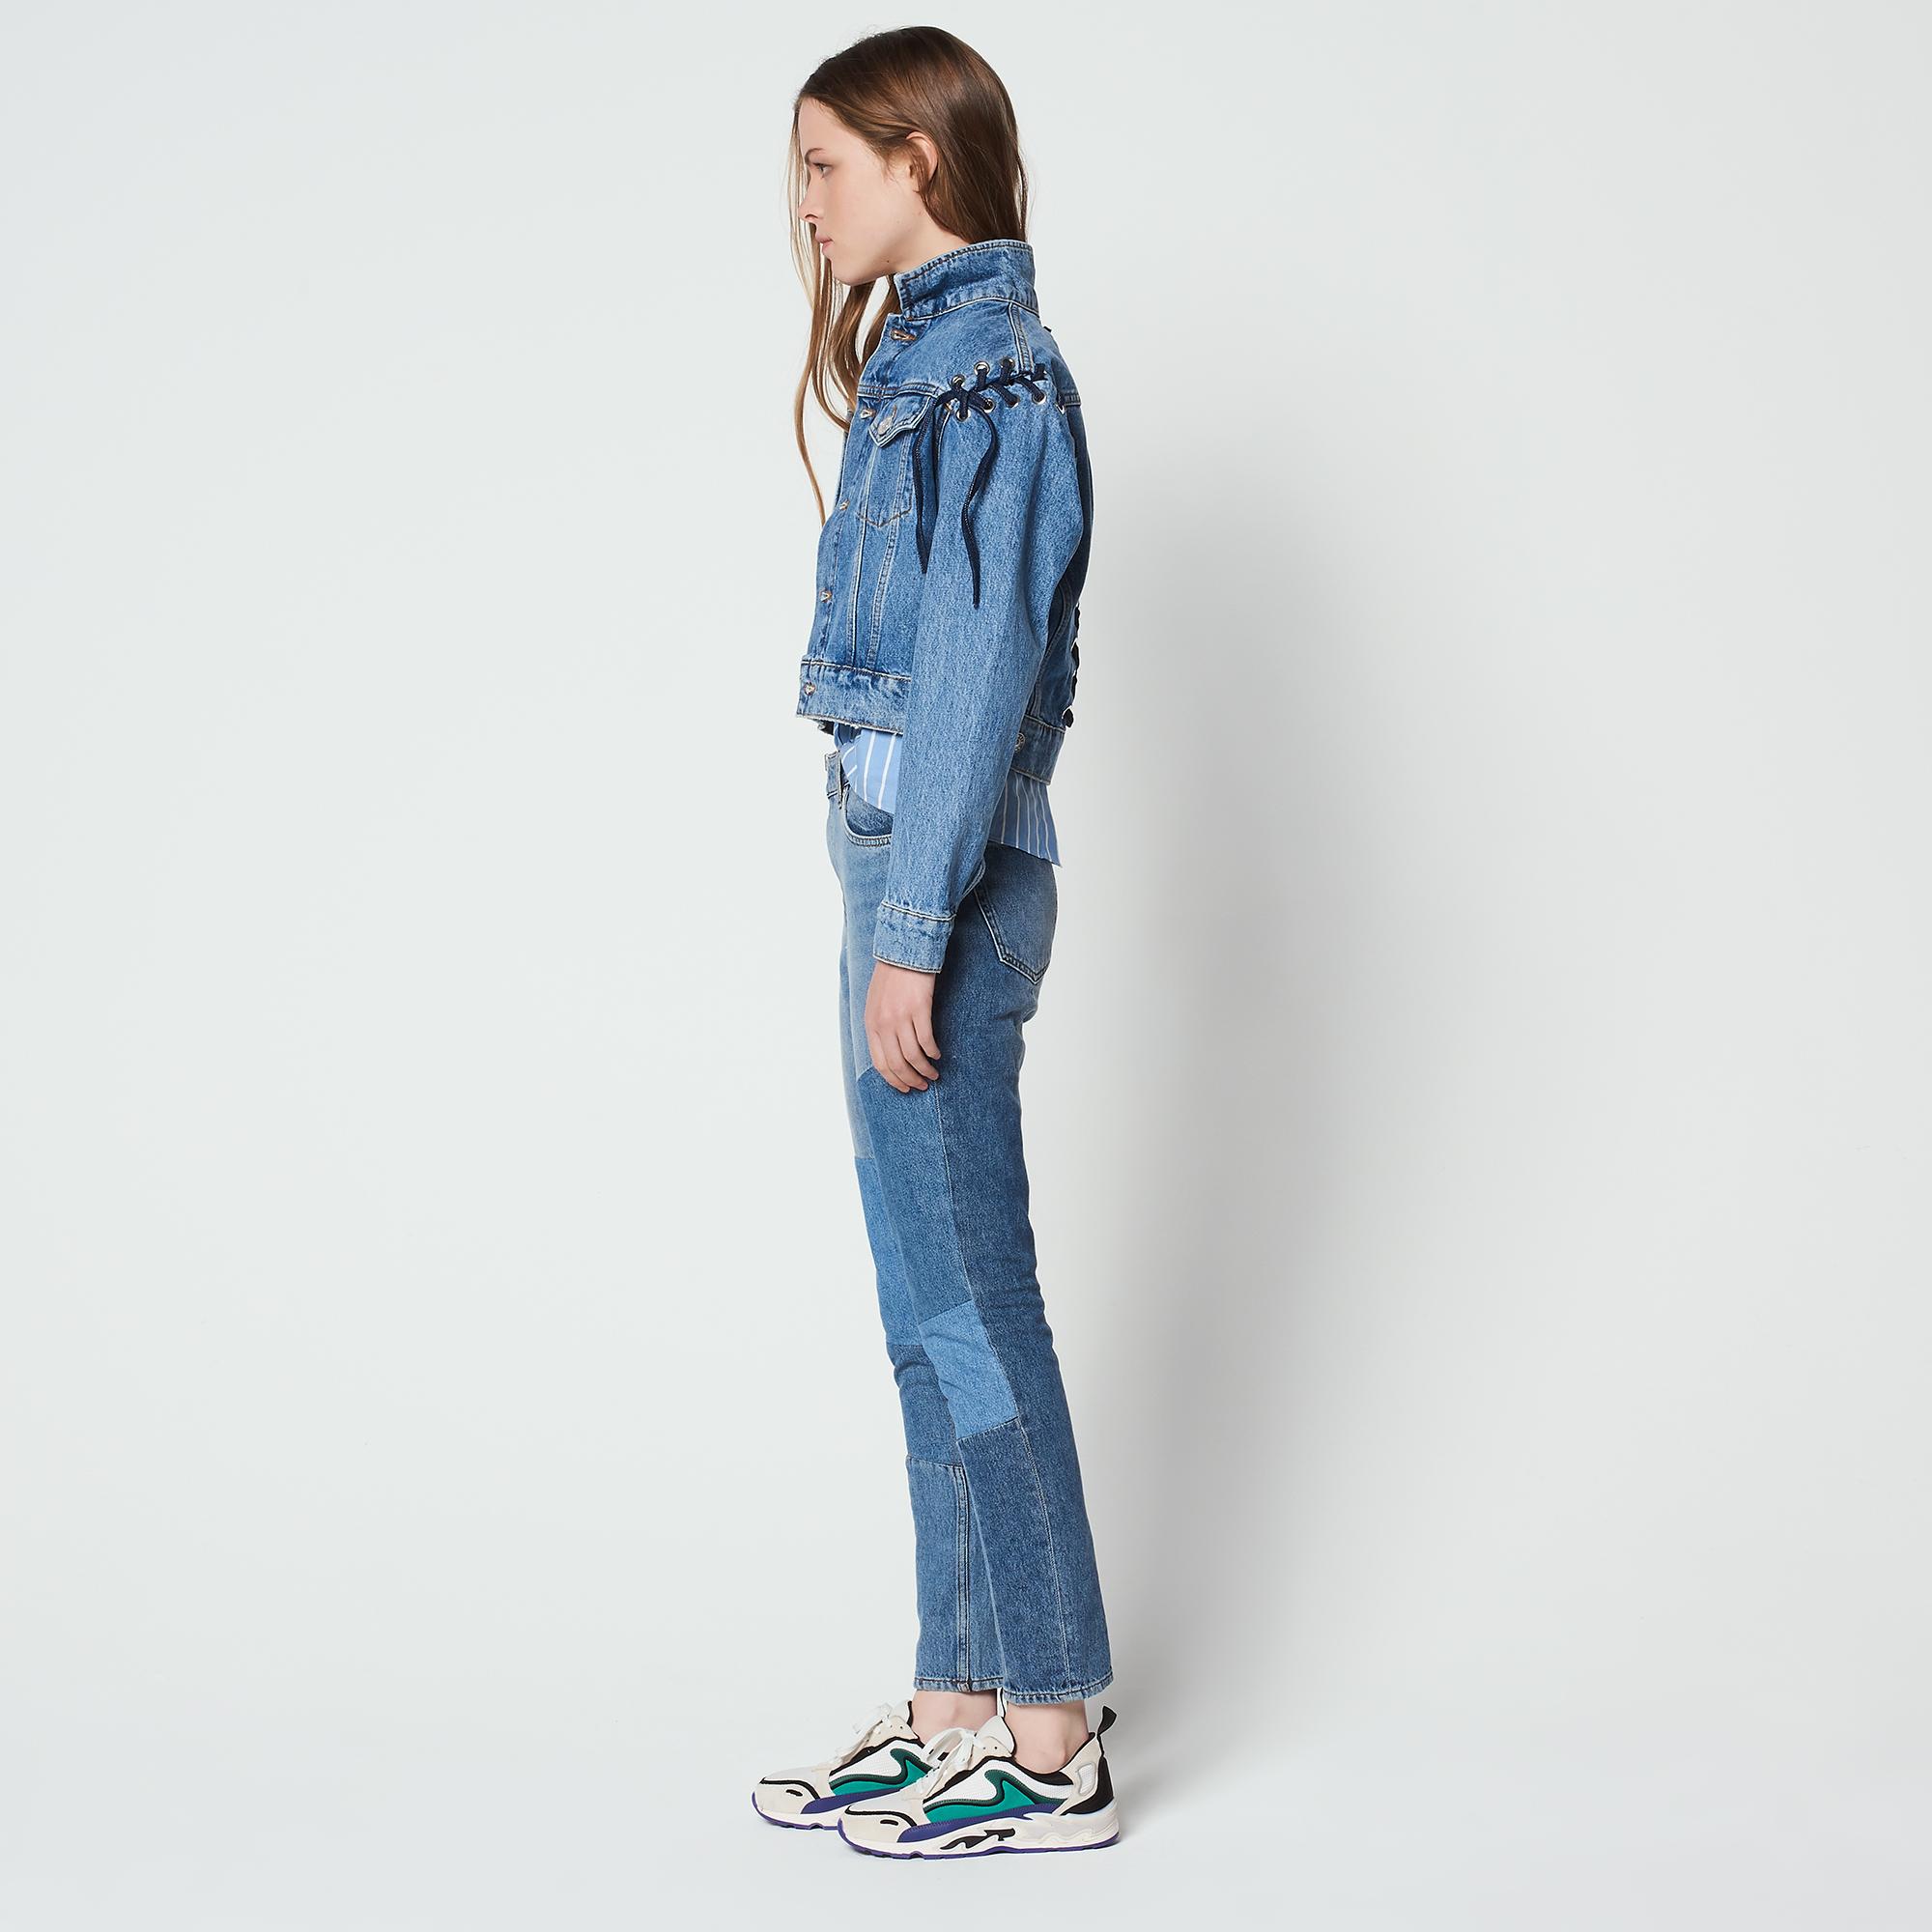 Giacca in jeans con dettagli allacciati : Collezione Estiva colore Blue Vintage - Denim